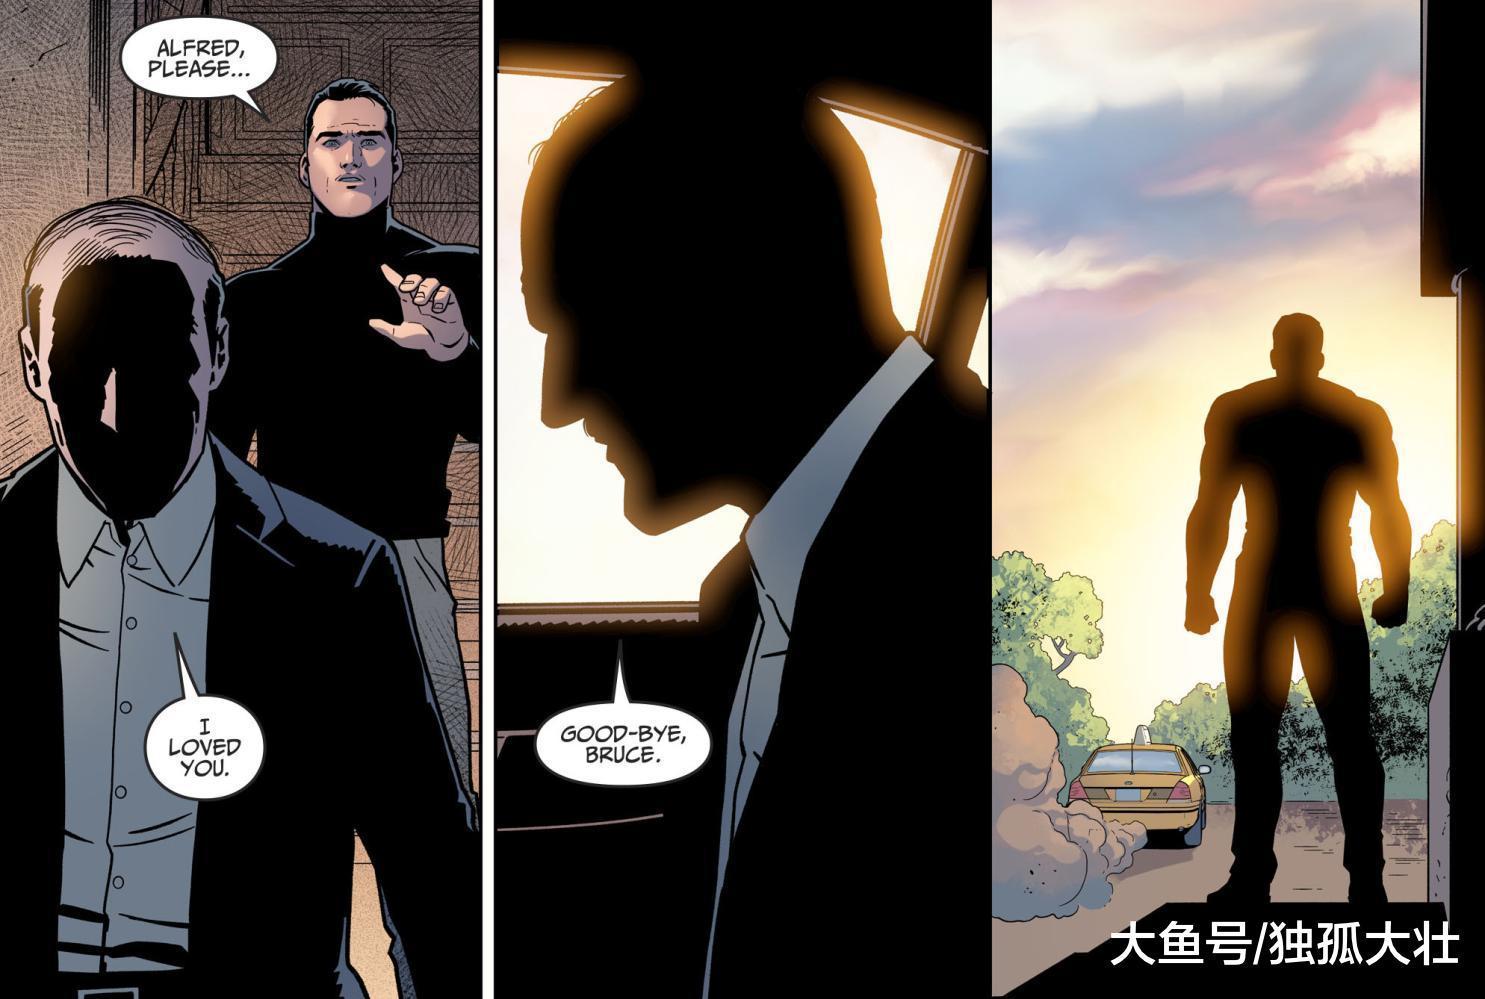 《不义联盟2》兄弟眼即将失控, 哈莉·奎因和毒藤女和好!